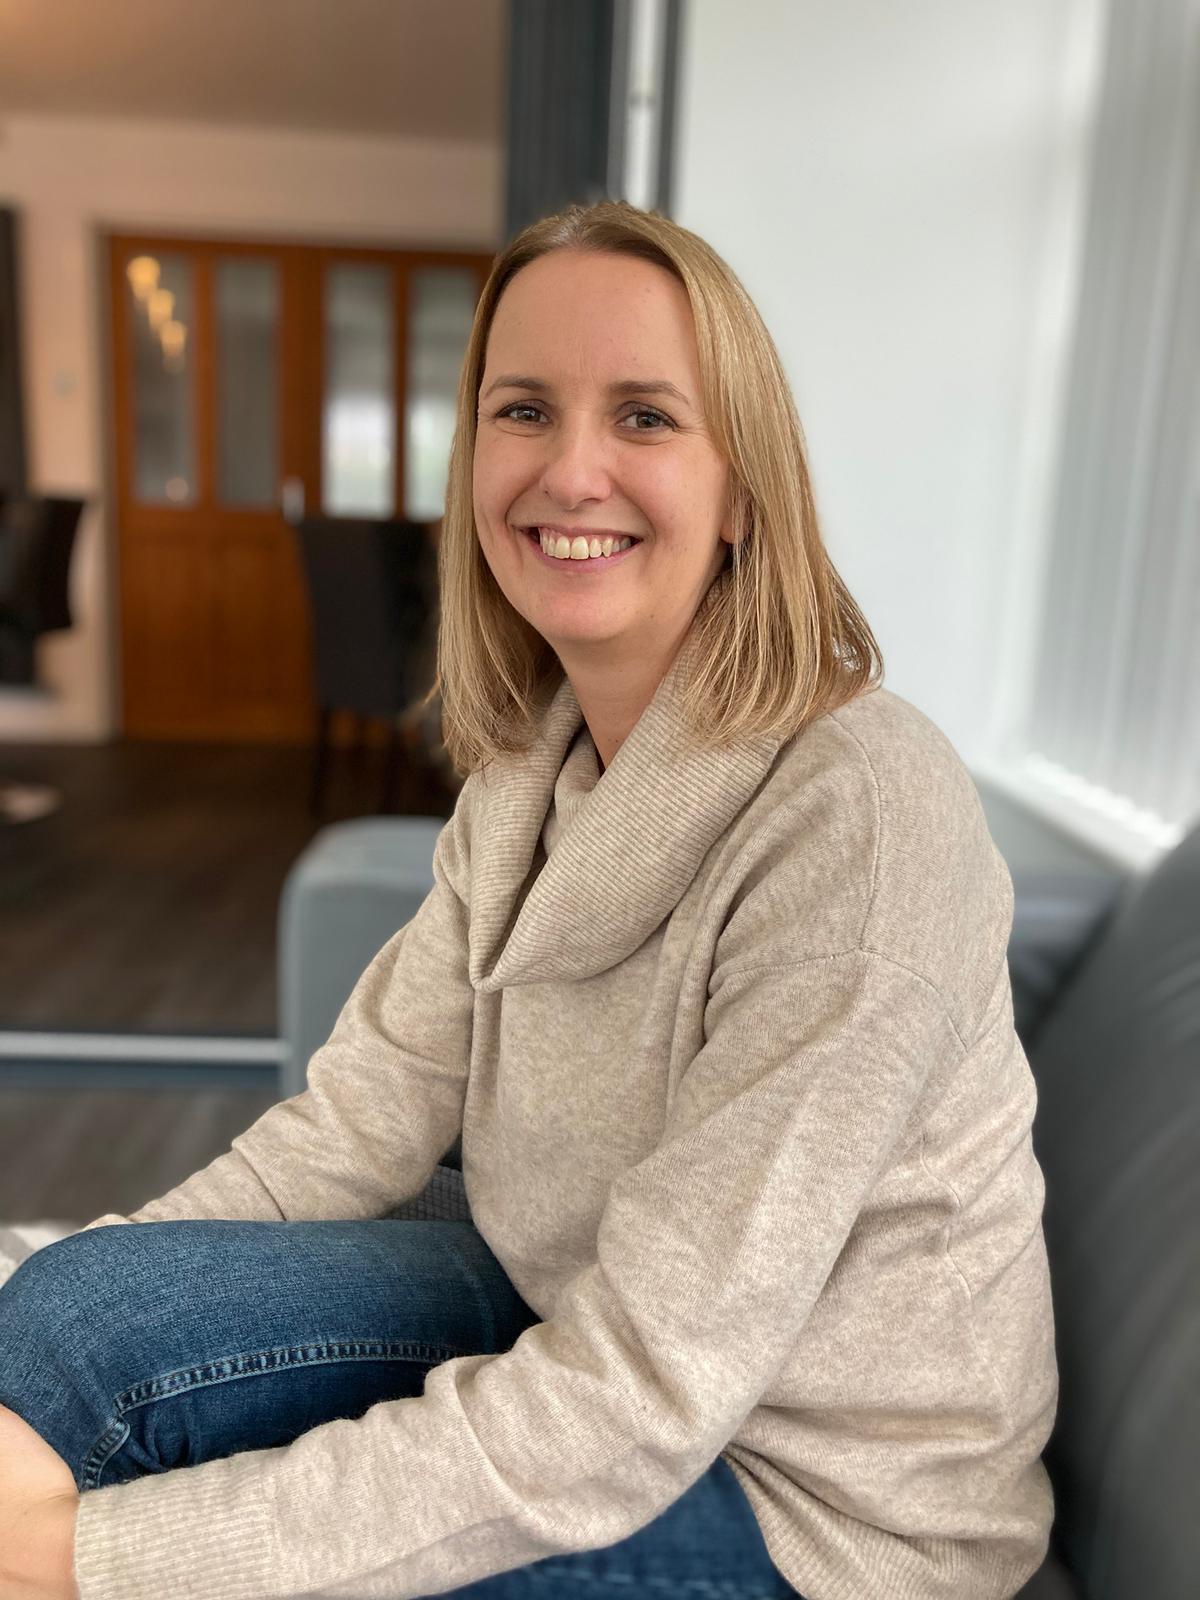 Sarah Platt, consultant finance director